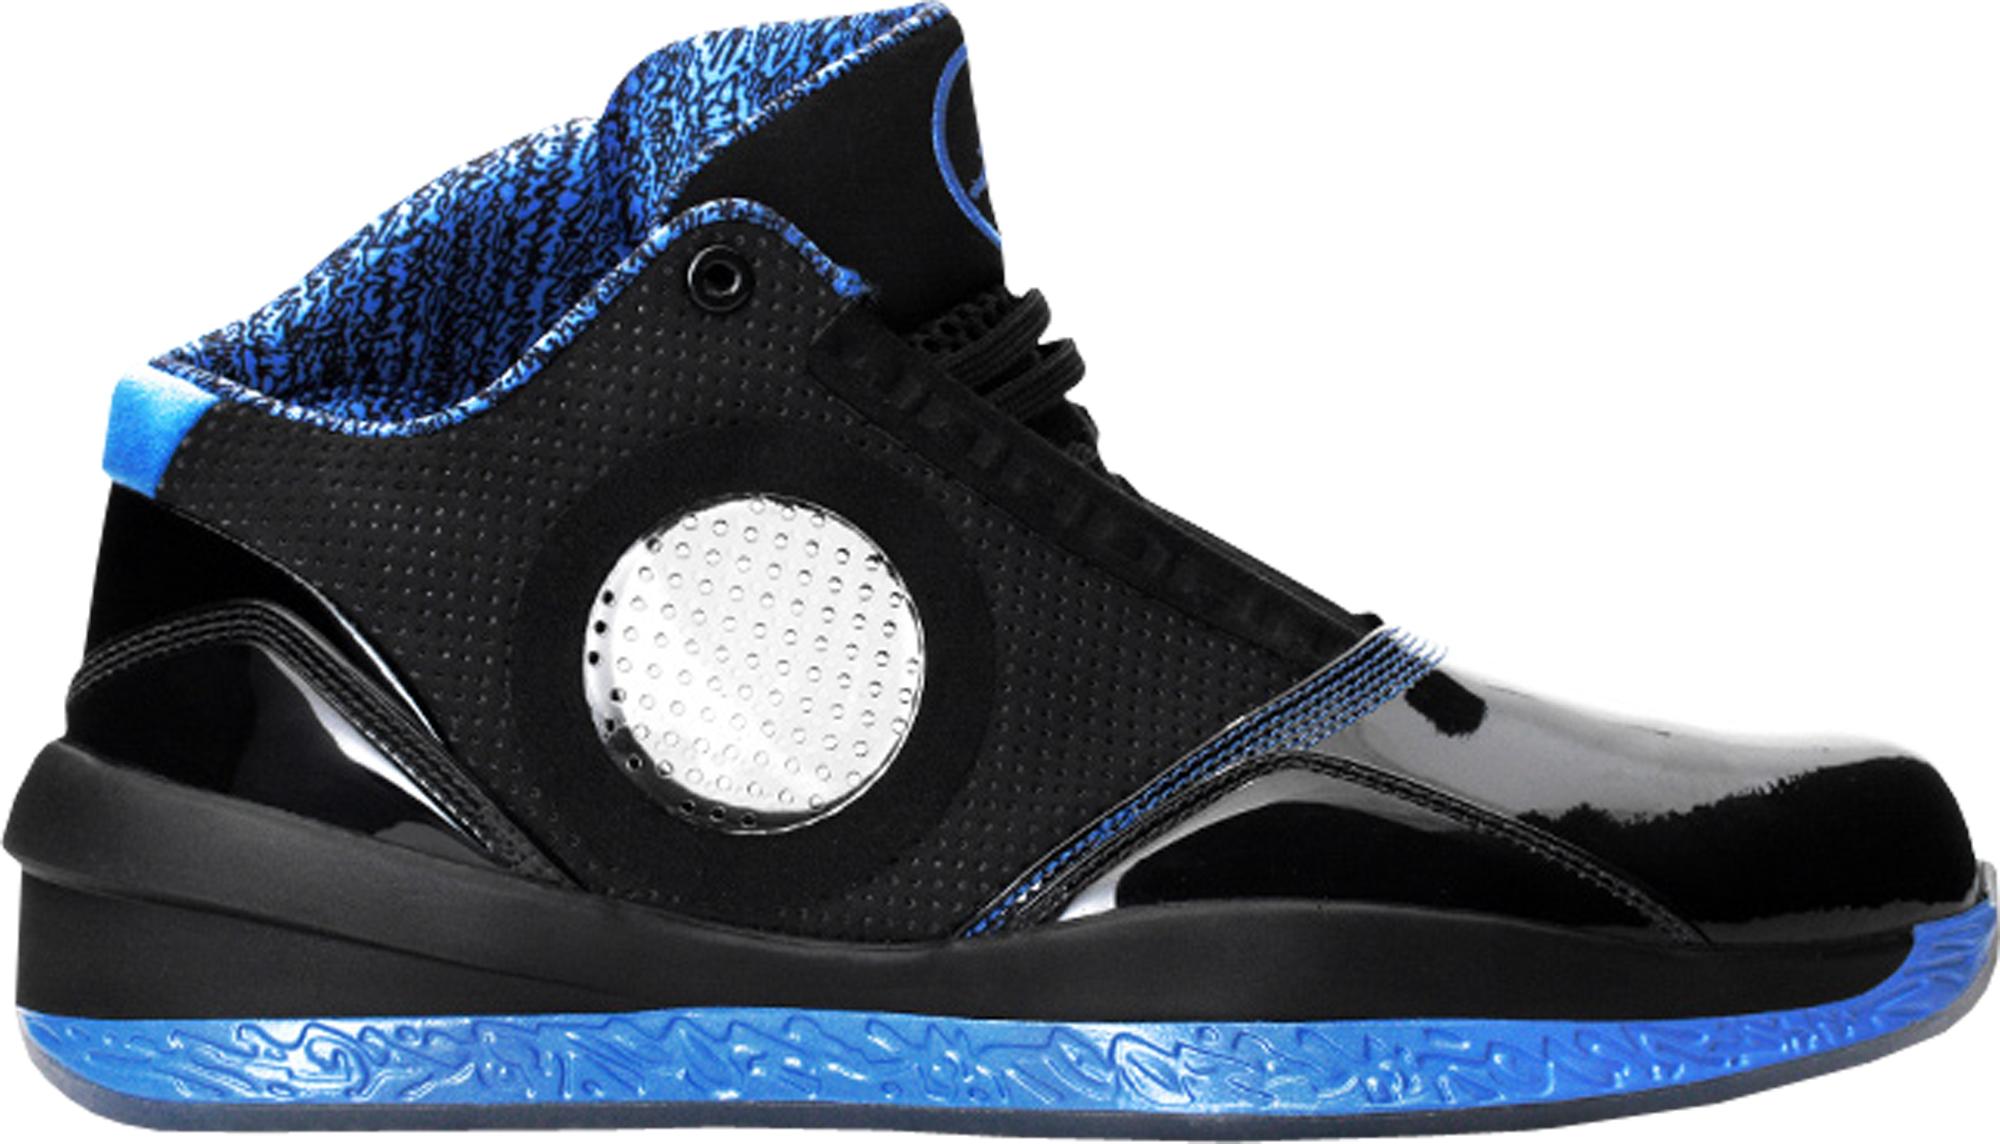 Jordan 2010 Black Uni Blue - 387358-003